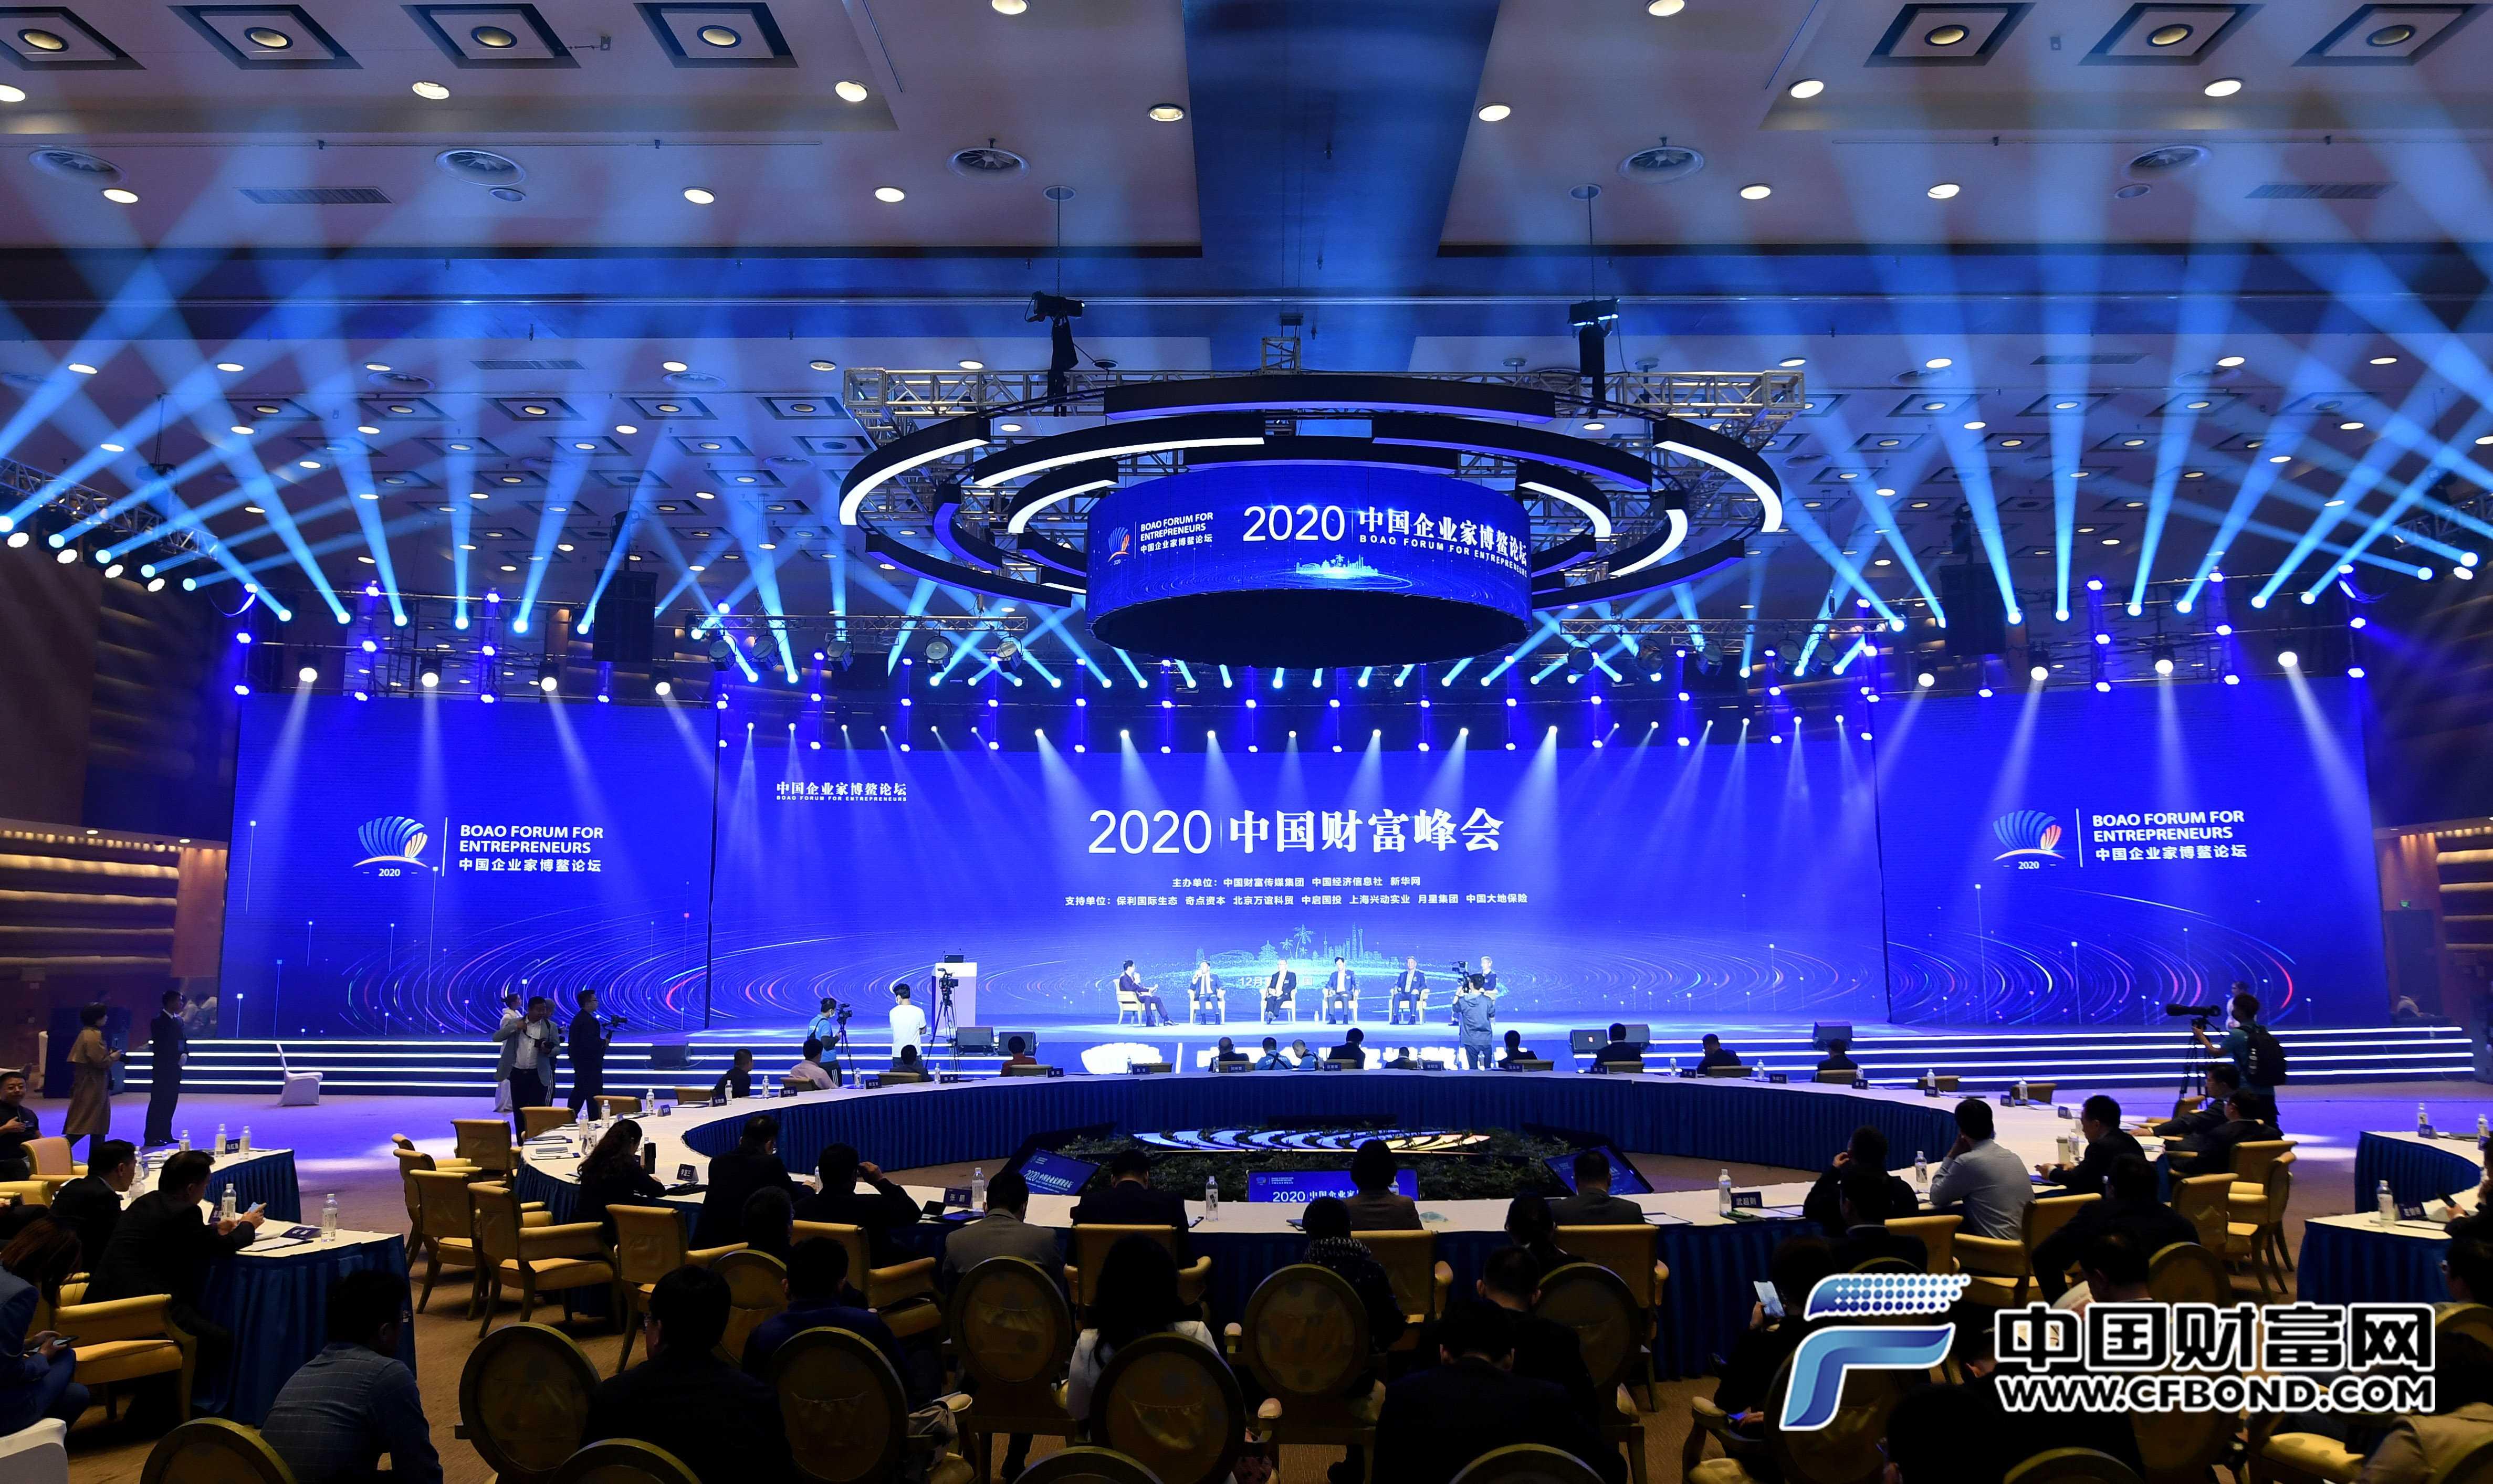 2020中国财富峰会会场